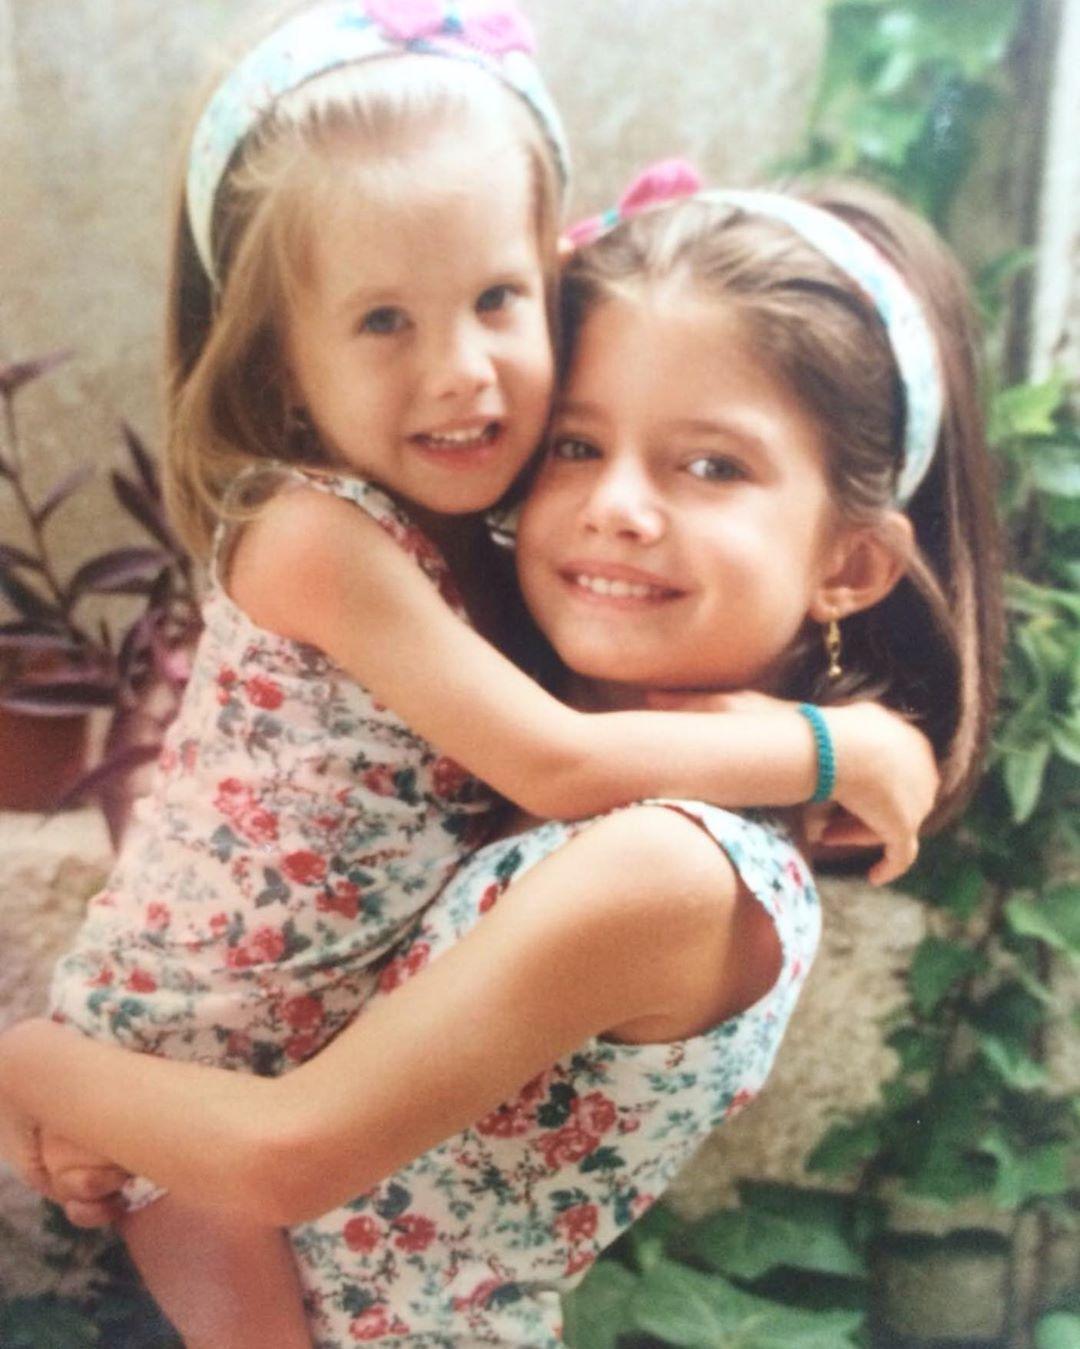 Ευαγγελία Αραβανή: Η φωτογραφία από το παρελθόν με την αδερφή της και το τρυφερό μήνυμα!